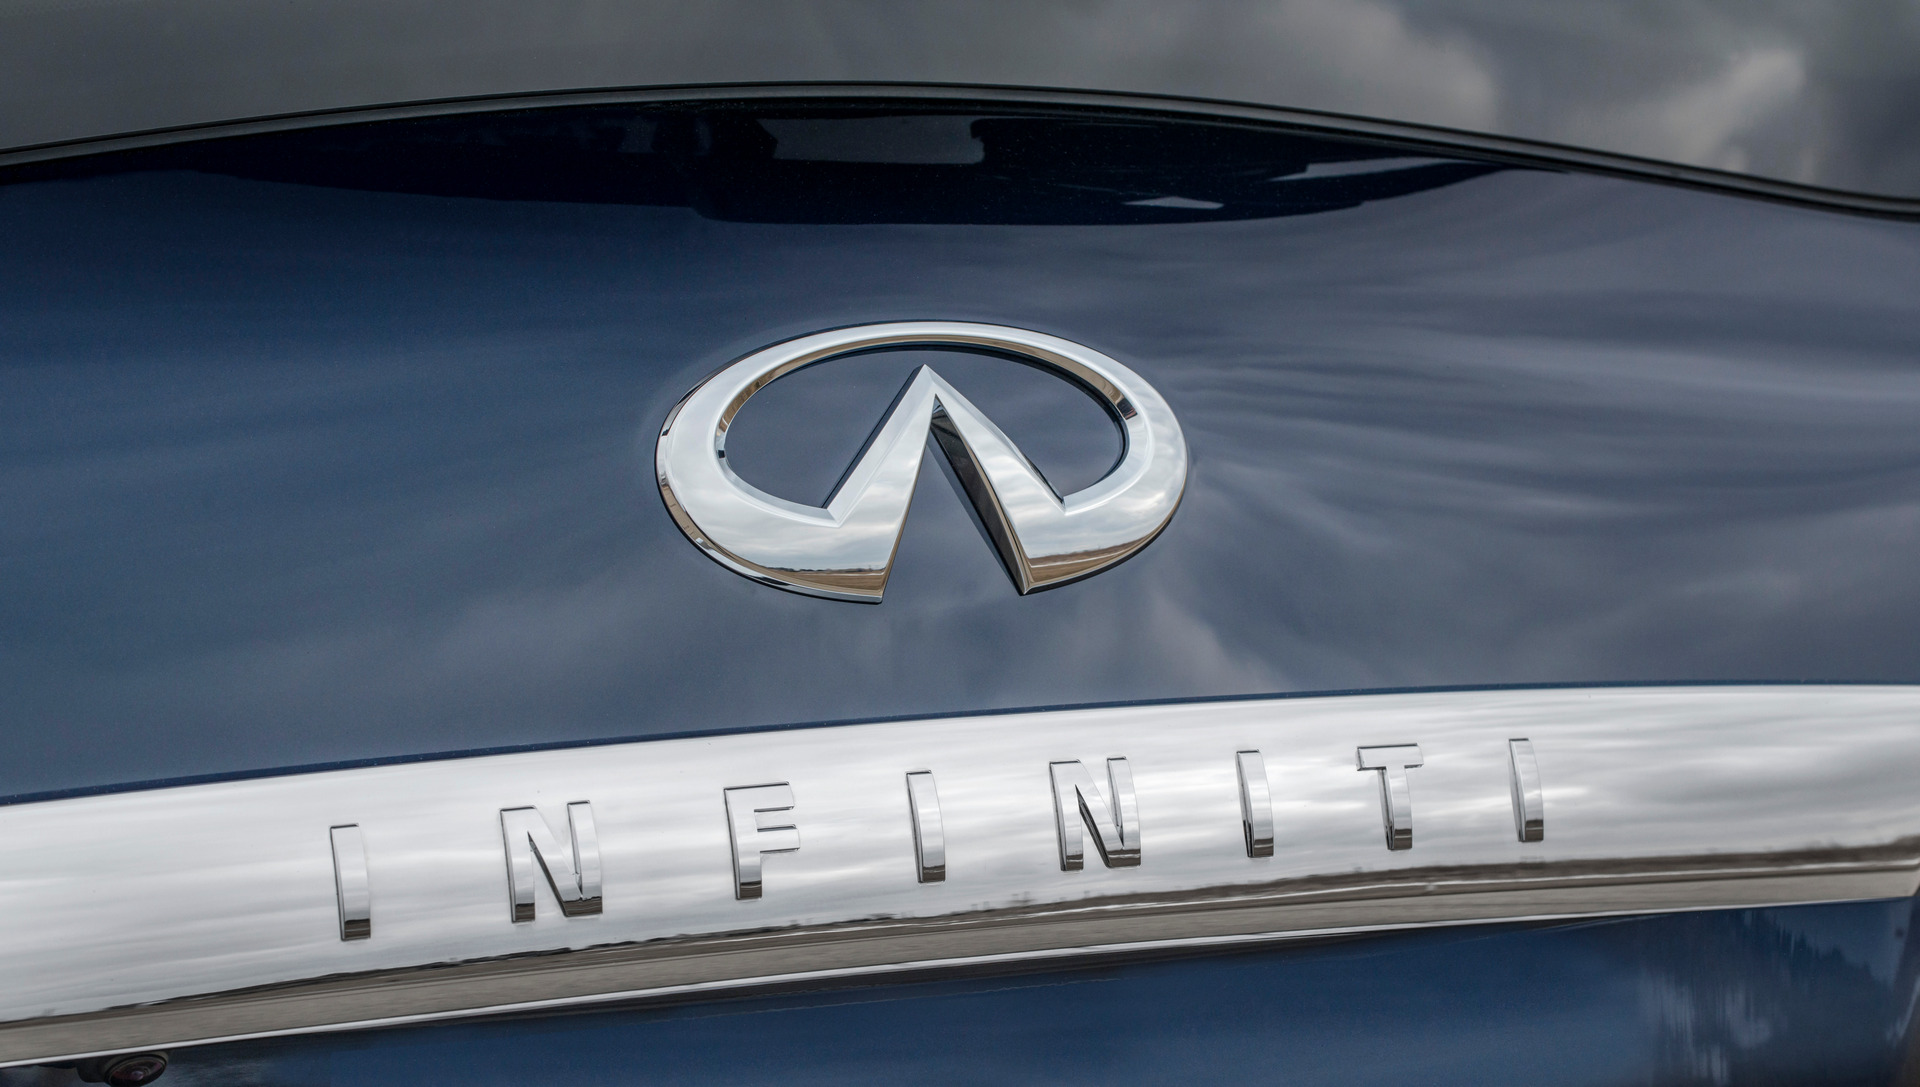 2015 Infiniti QX80 © Nissan Motor Co., Ltd.